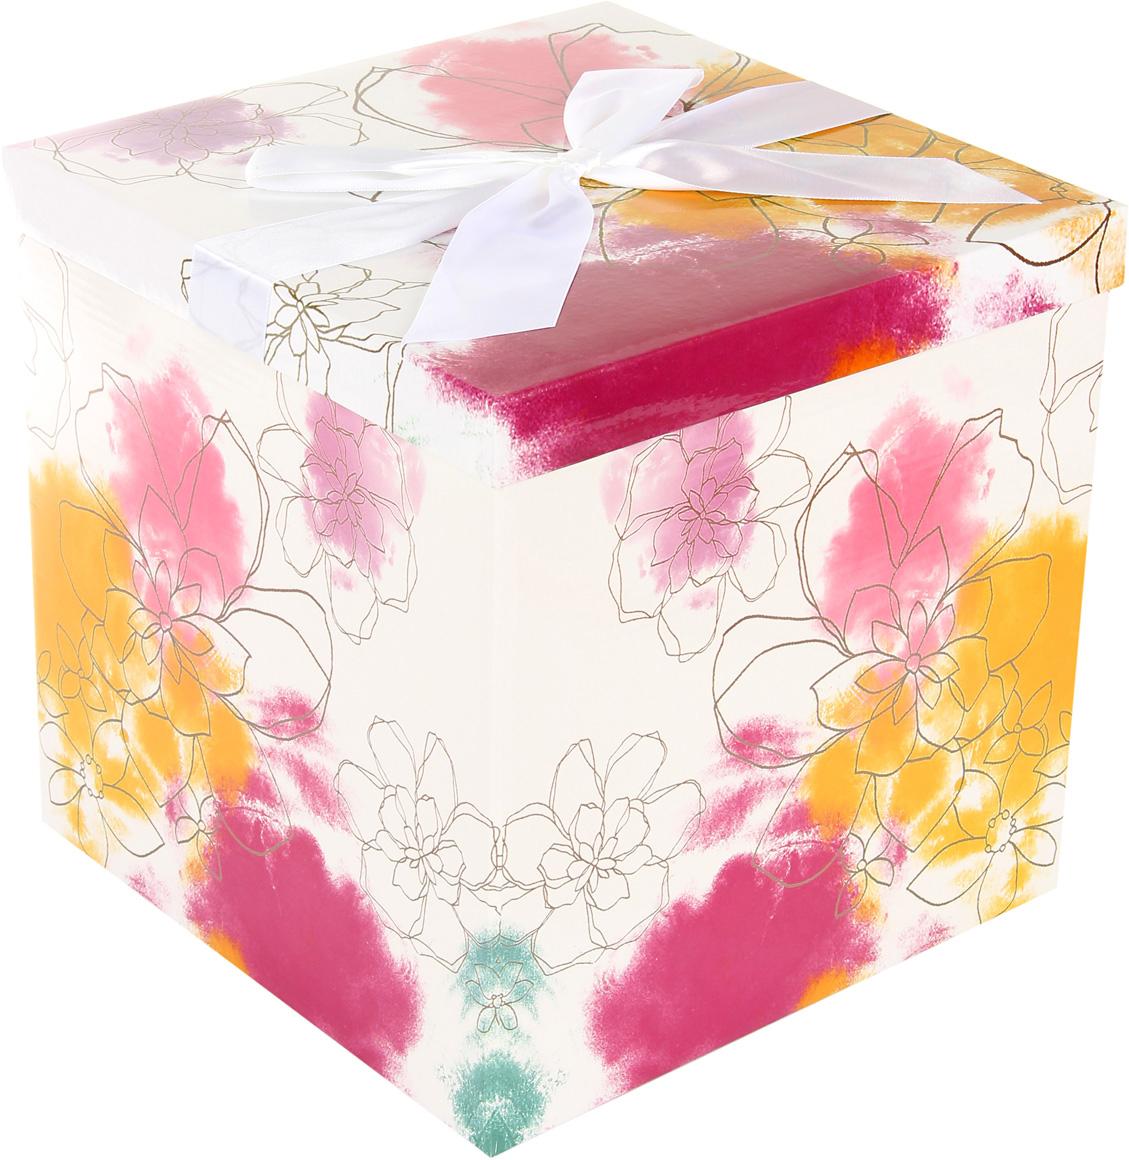 Коробка подарочная Veld-Co Giftbox. Трансформер. Акварель, цвет: белый, 25,5 х 25,5 х 25 см коробка подарочная veld co giftbox трансформер солнечное настроение цвет оранжевый 10 3 х 10 3 х 9 8 см